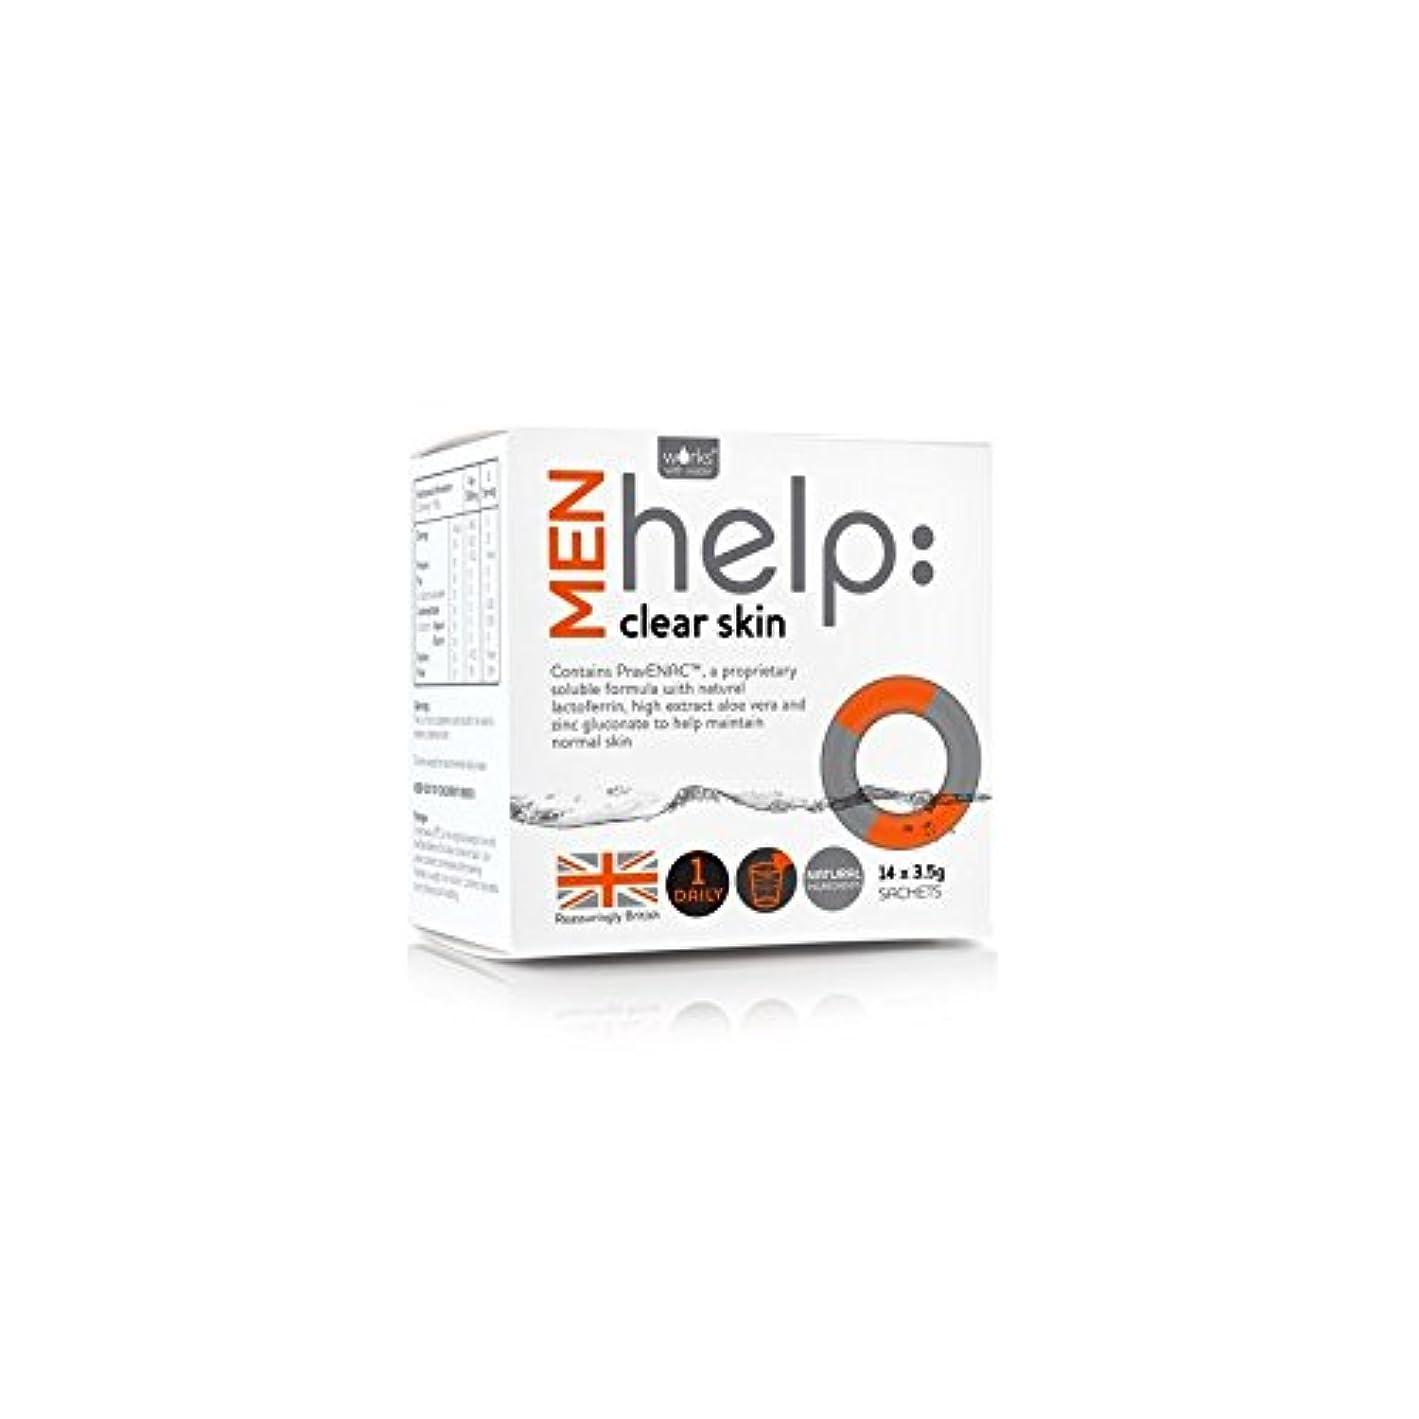 忠実呪いおっとクリアな肌可溶性サプリメント(14 3.5グラム):水男性の助けを借りて動作します x4 - Works With Water Men's Help: Clear Skin Soluble Supplement (14...